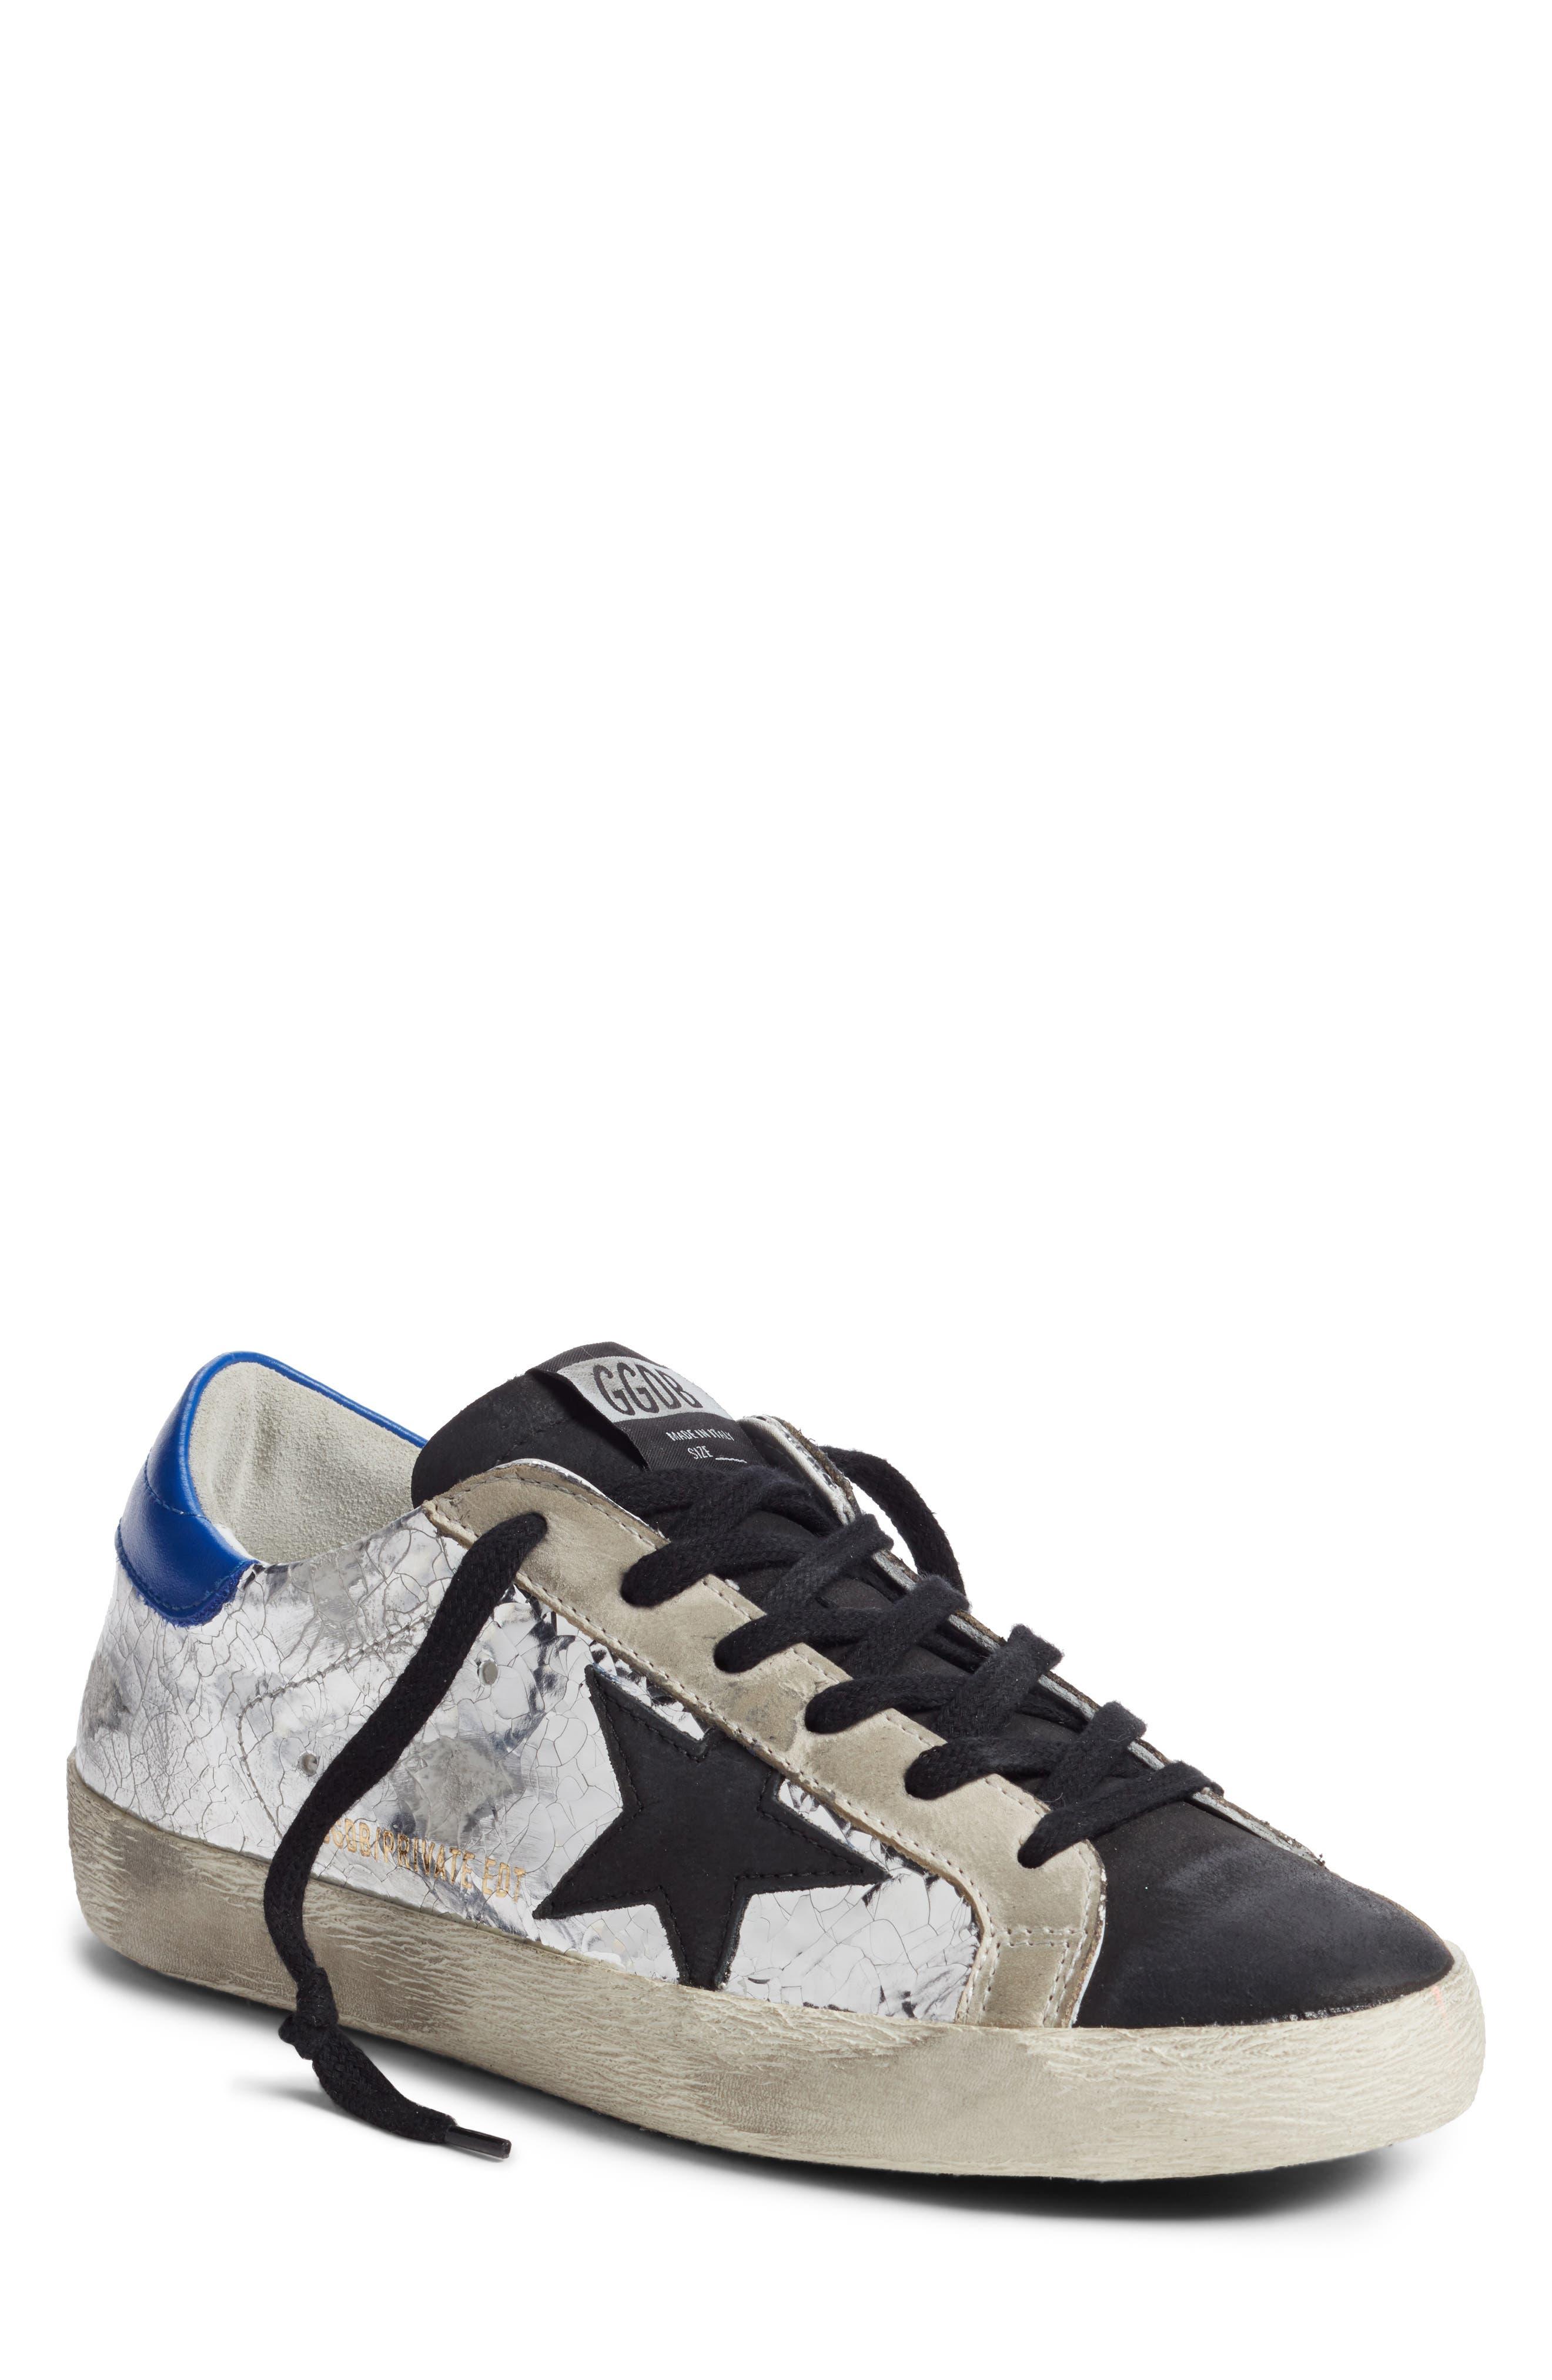 GOLDEN GOOSE Superstar Sneaker, Main, color, SILVER/ BLUE